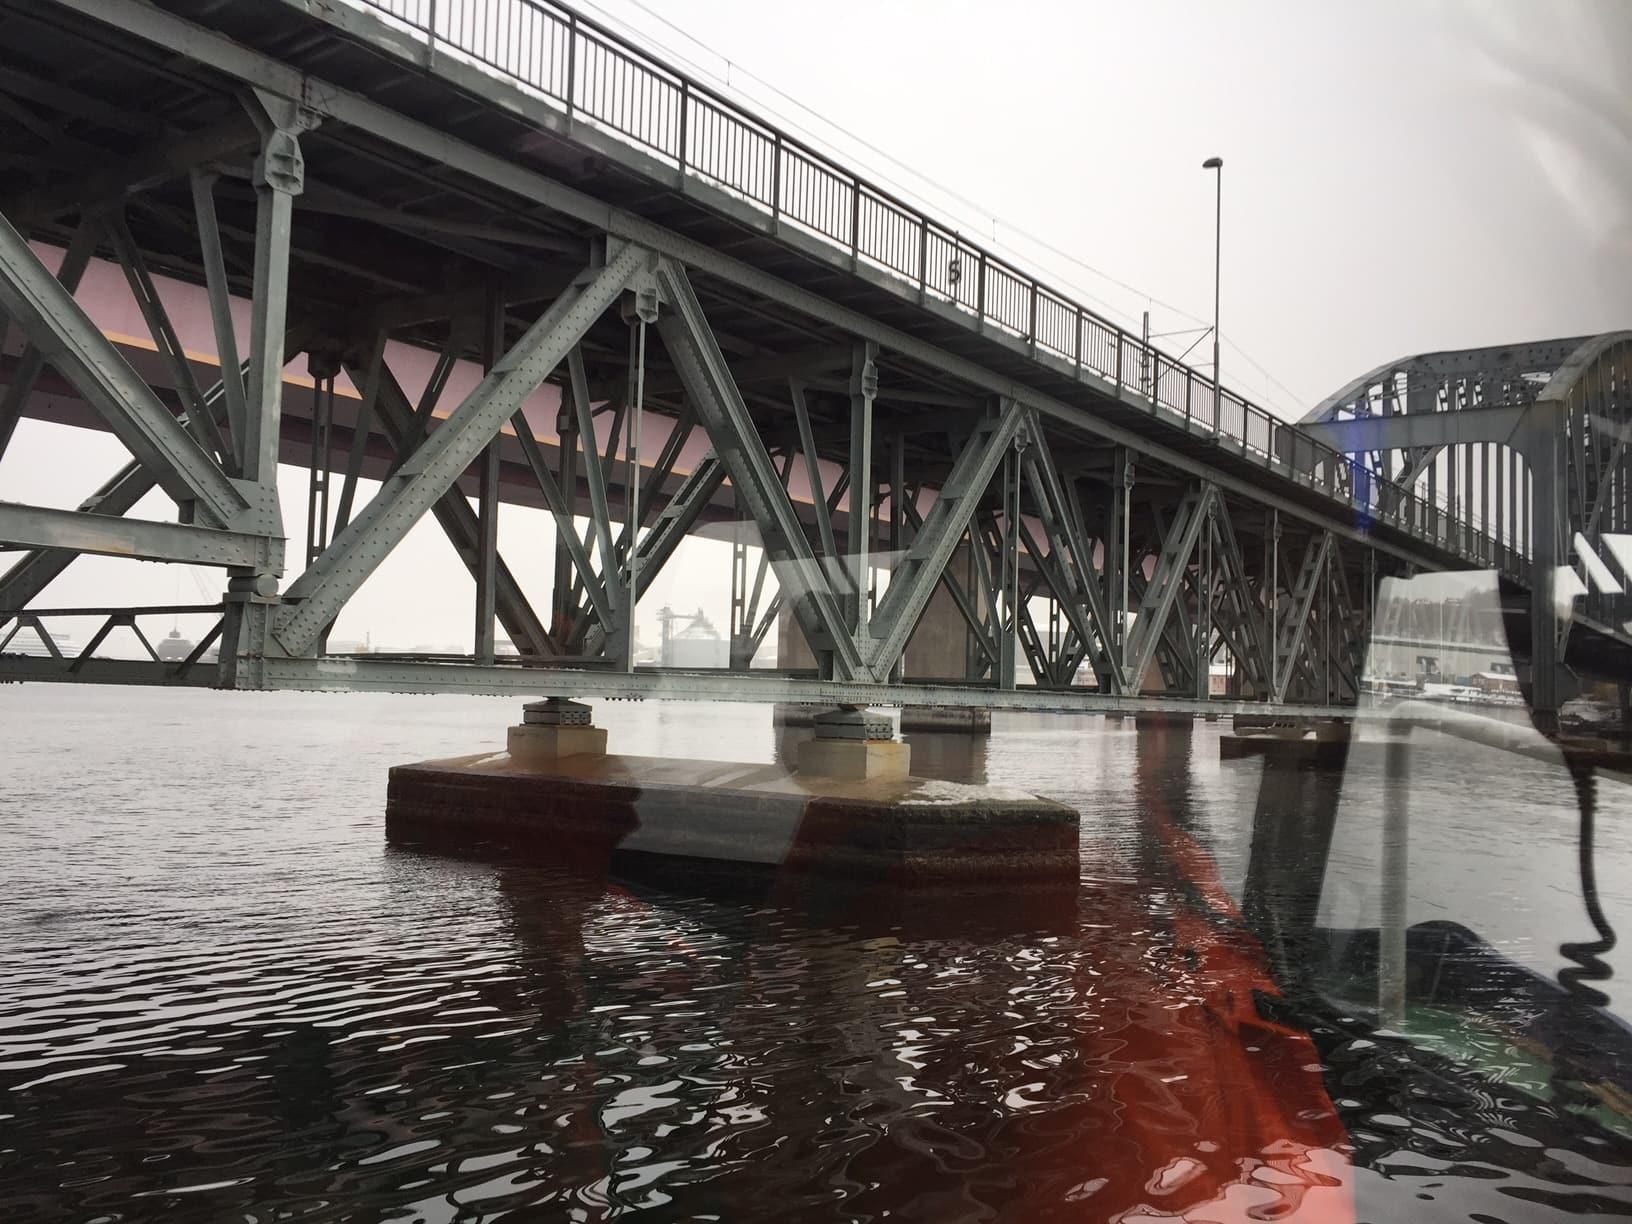 allblästring målning Lidingöbron stheab stockholms hamnentreprenad hamnar 02